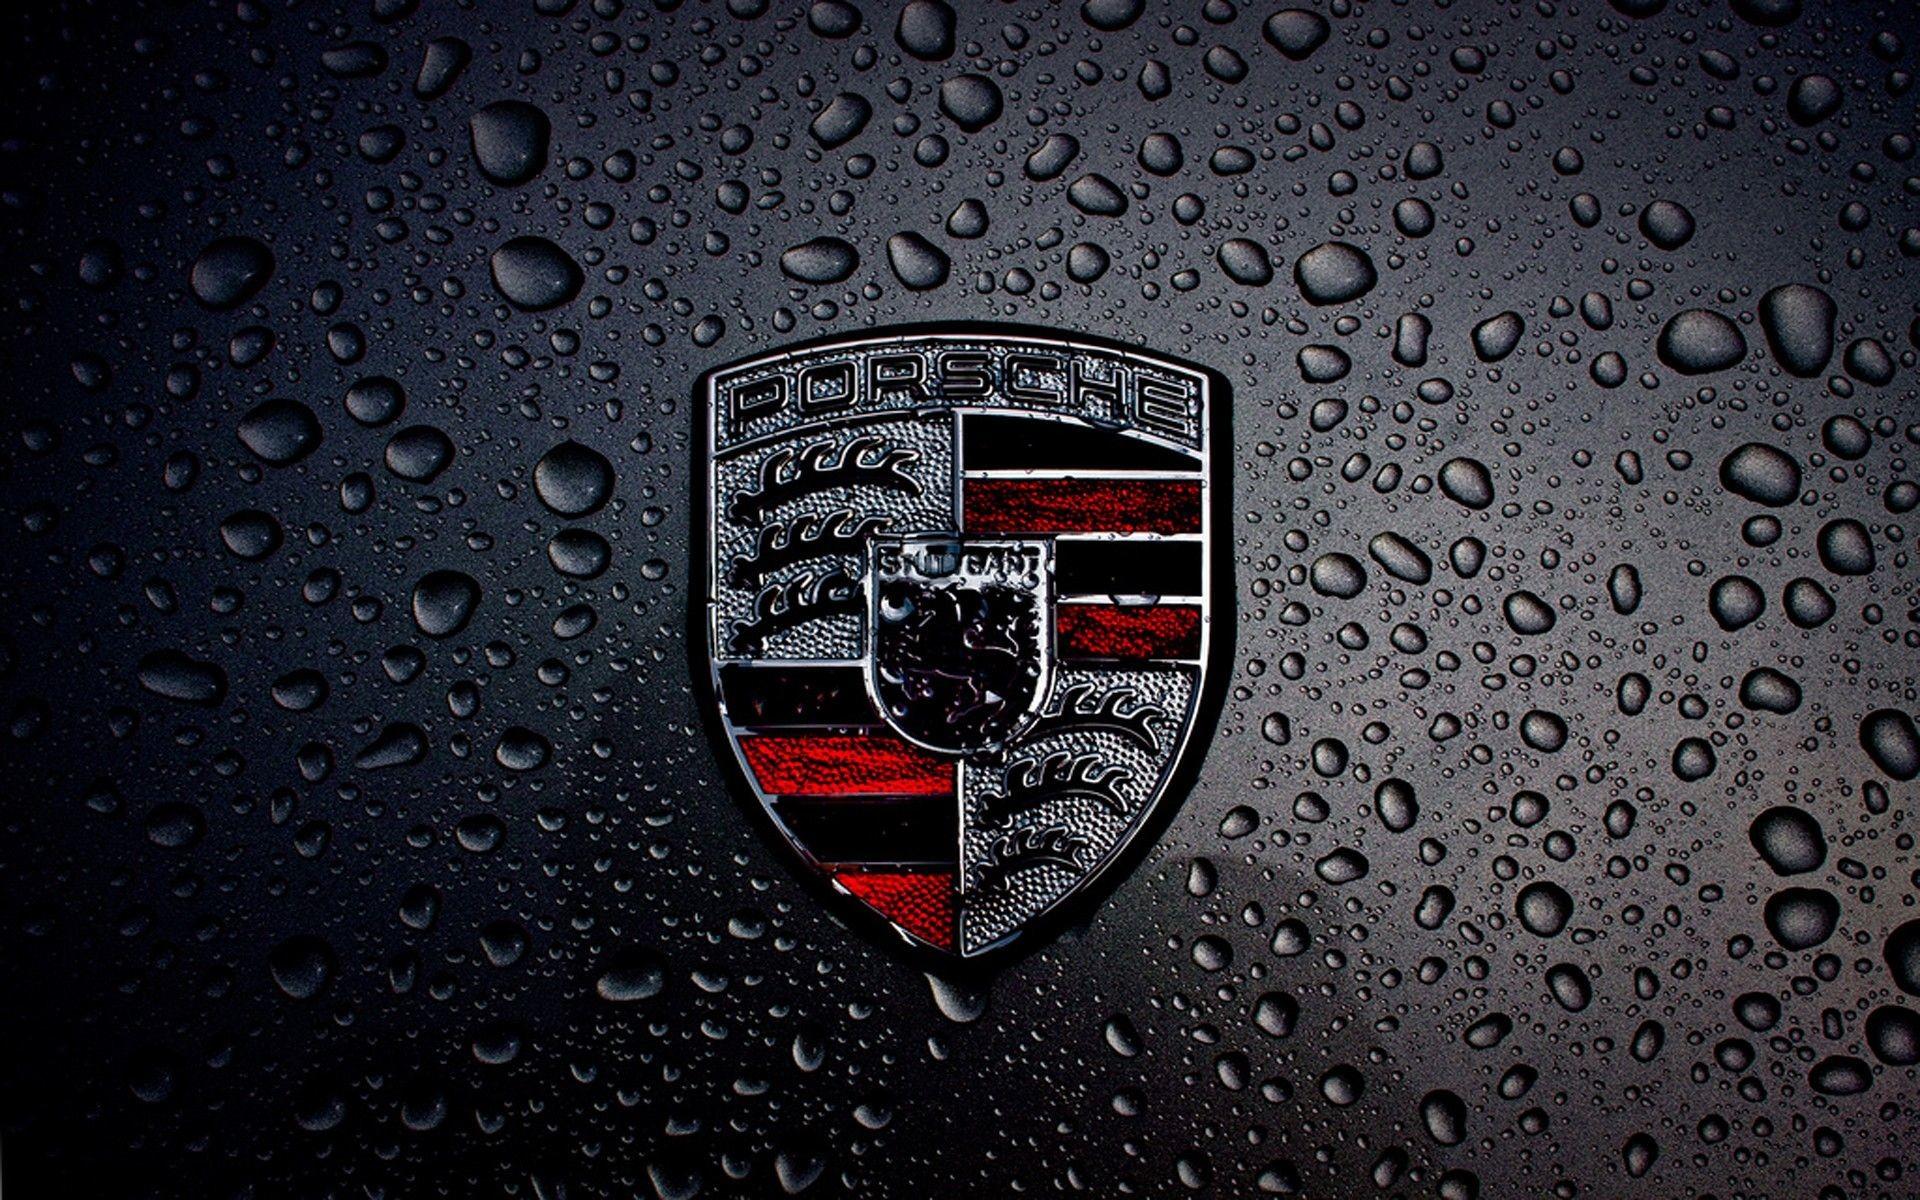 1920x1200, Dark Porsche Logo Hd Wallpaper For Desktop - Porsche Logo Wallpaper Hd - HD Wallpaper